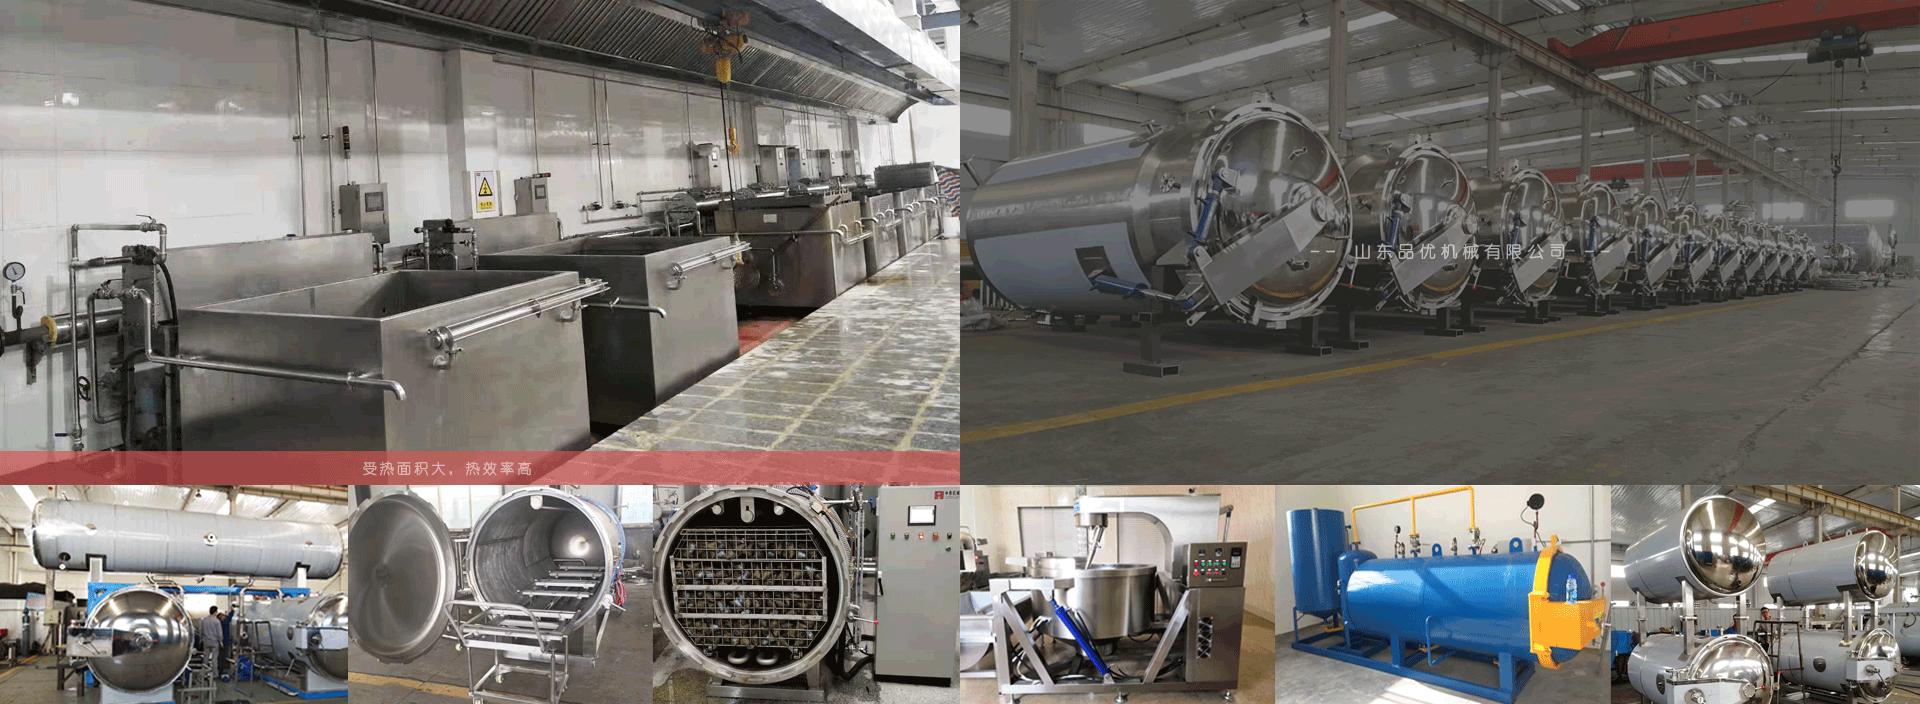 山東品優機械有限公司